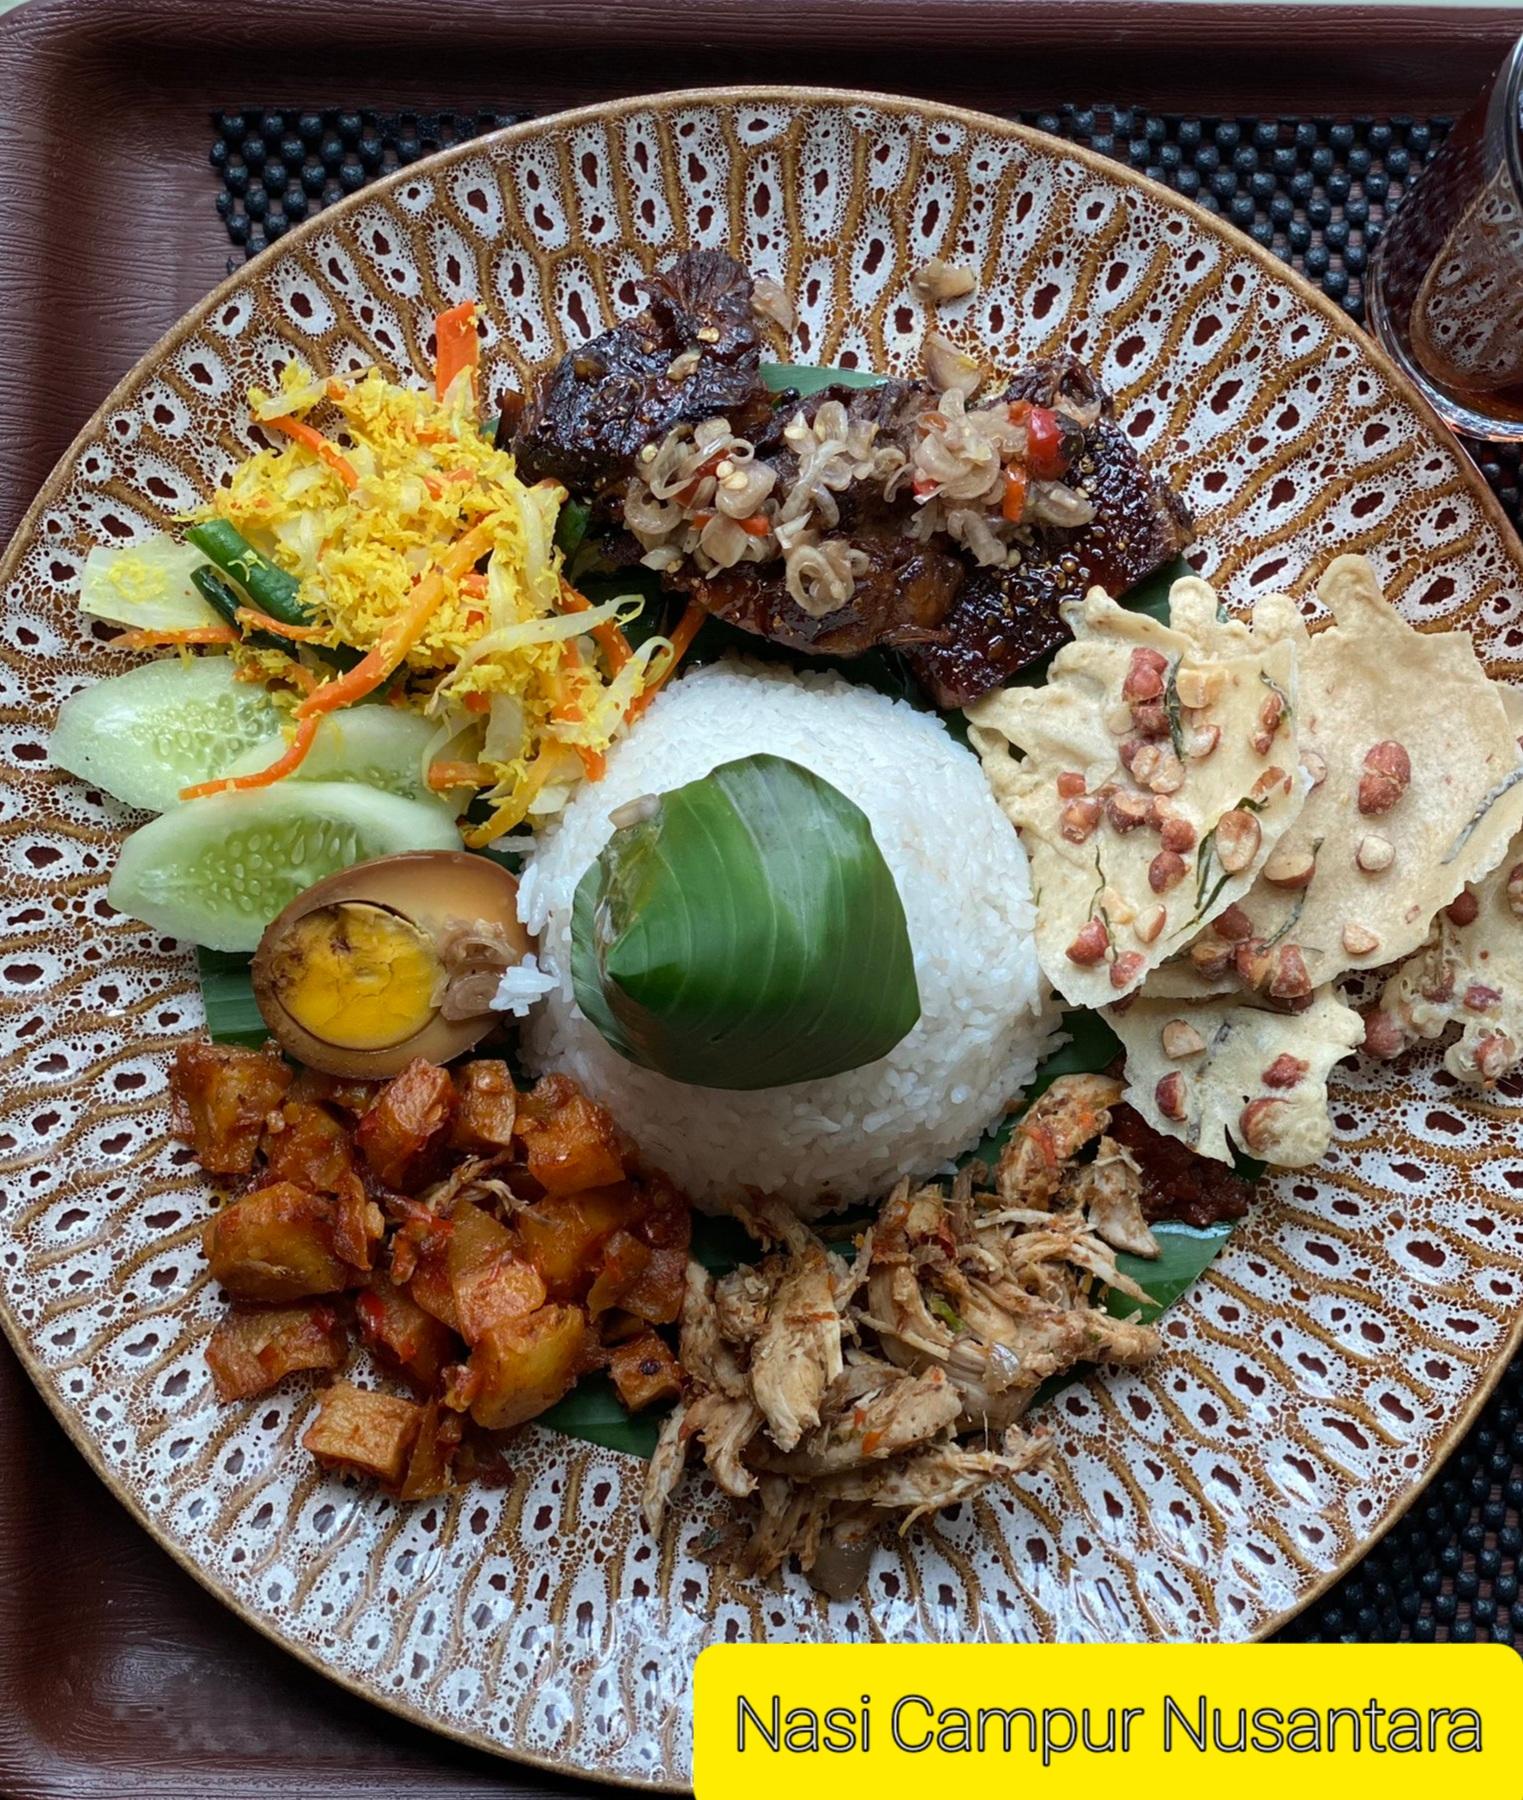 AYANA Nasi Campur Nusantara